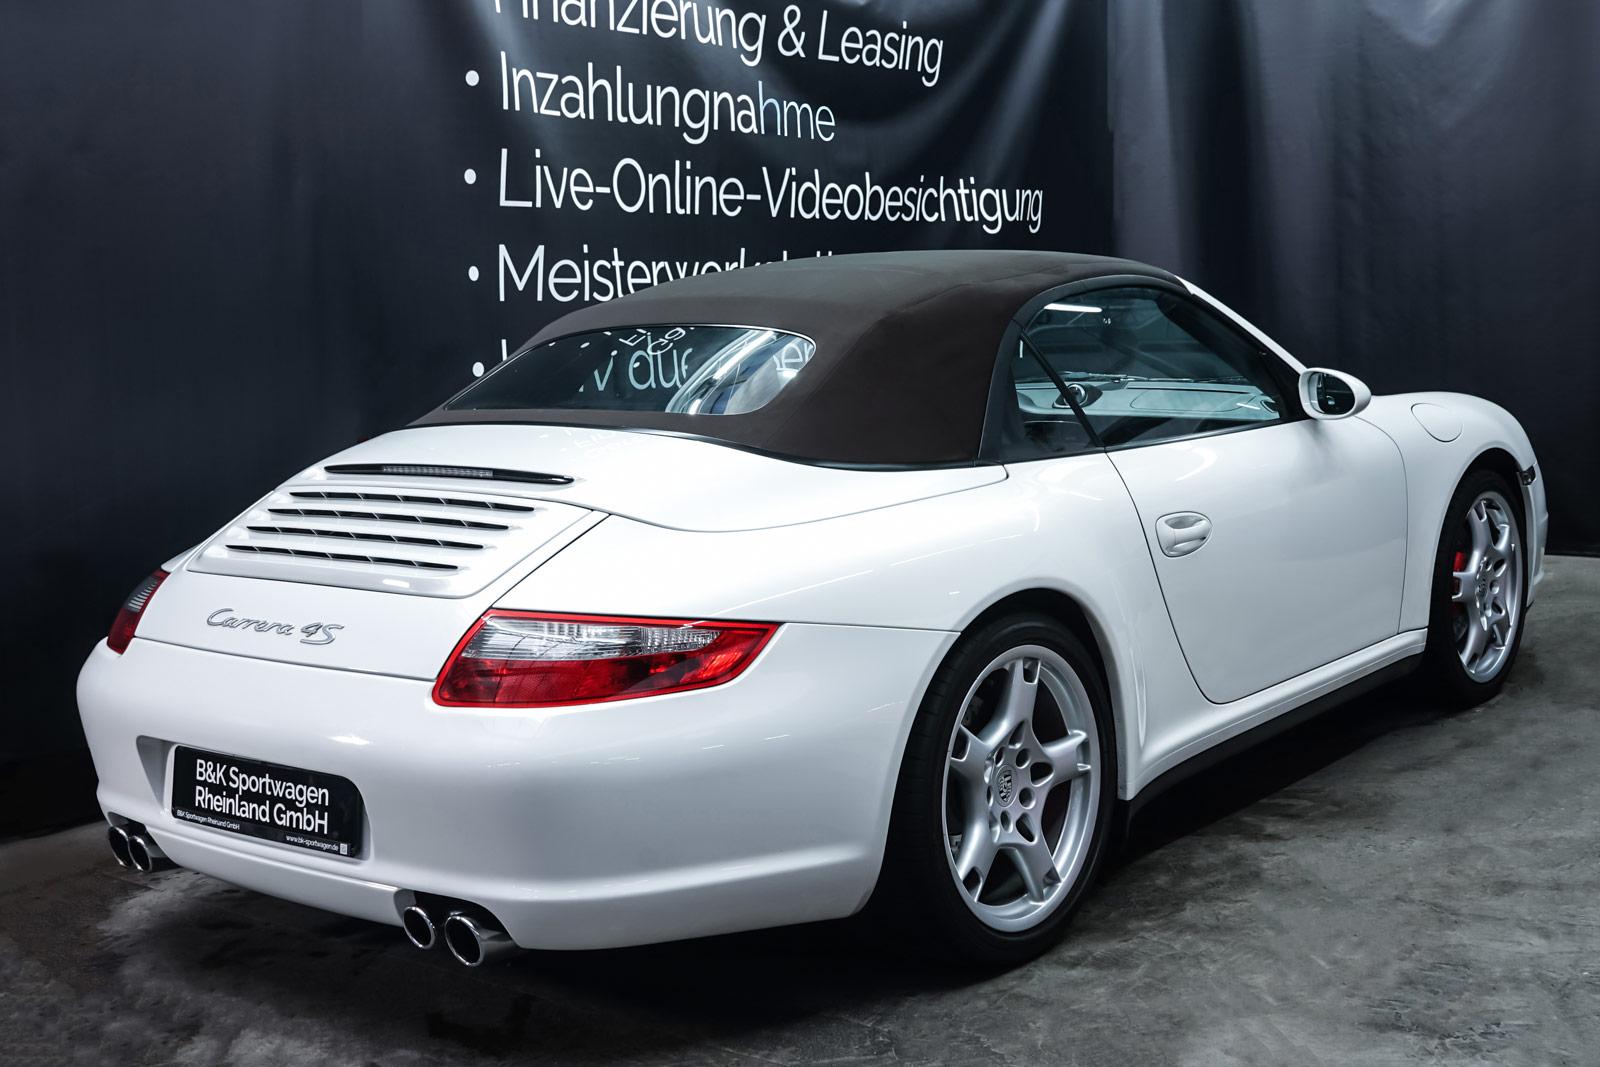 Porsche_997_C4S_Cabrio_Weiß_Braun_POR-4557_22_w